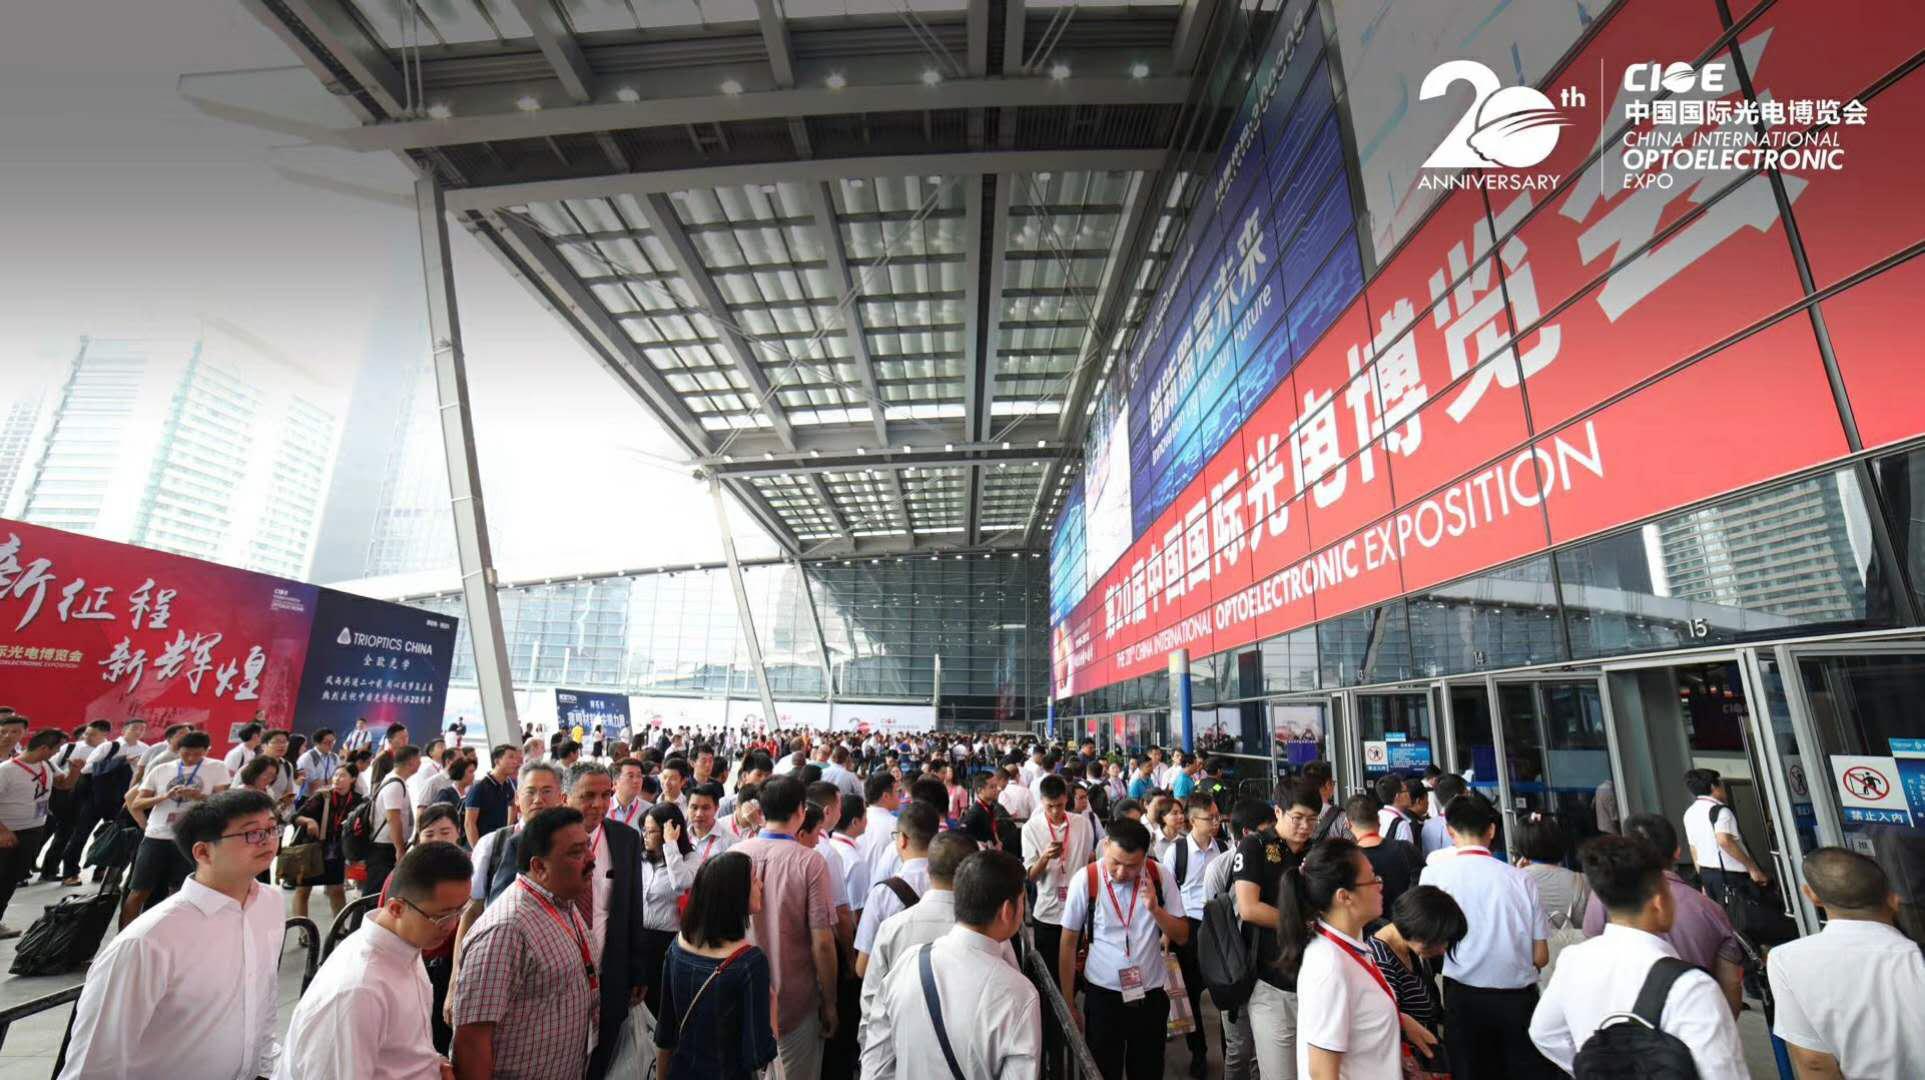 珀金埃尔默倾情助力第20届中国国际光电博览会